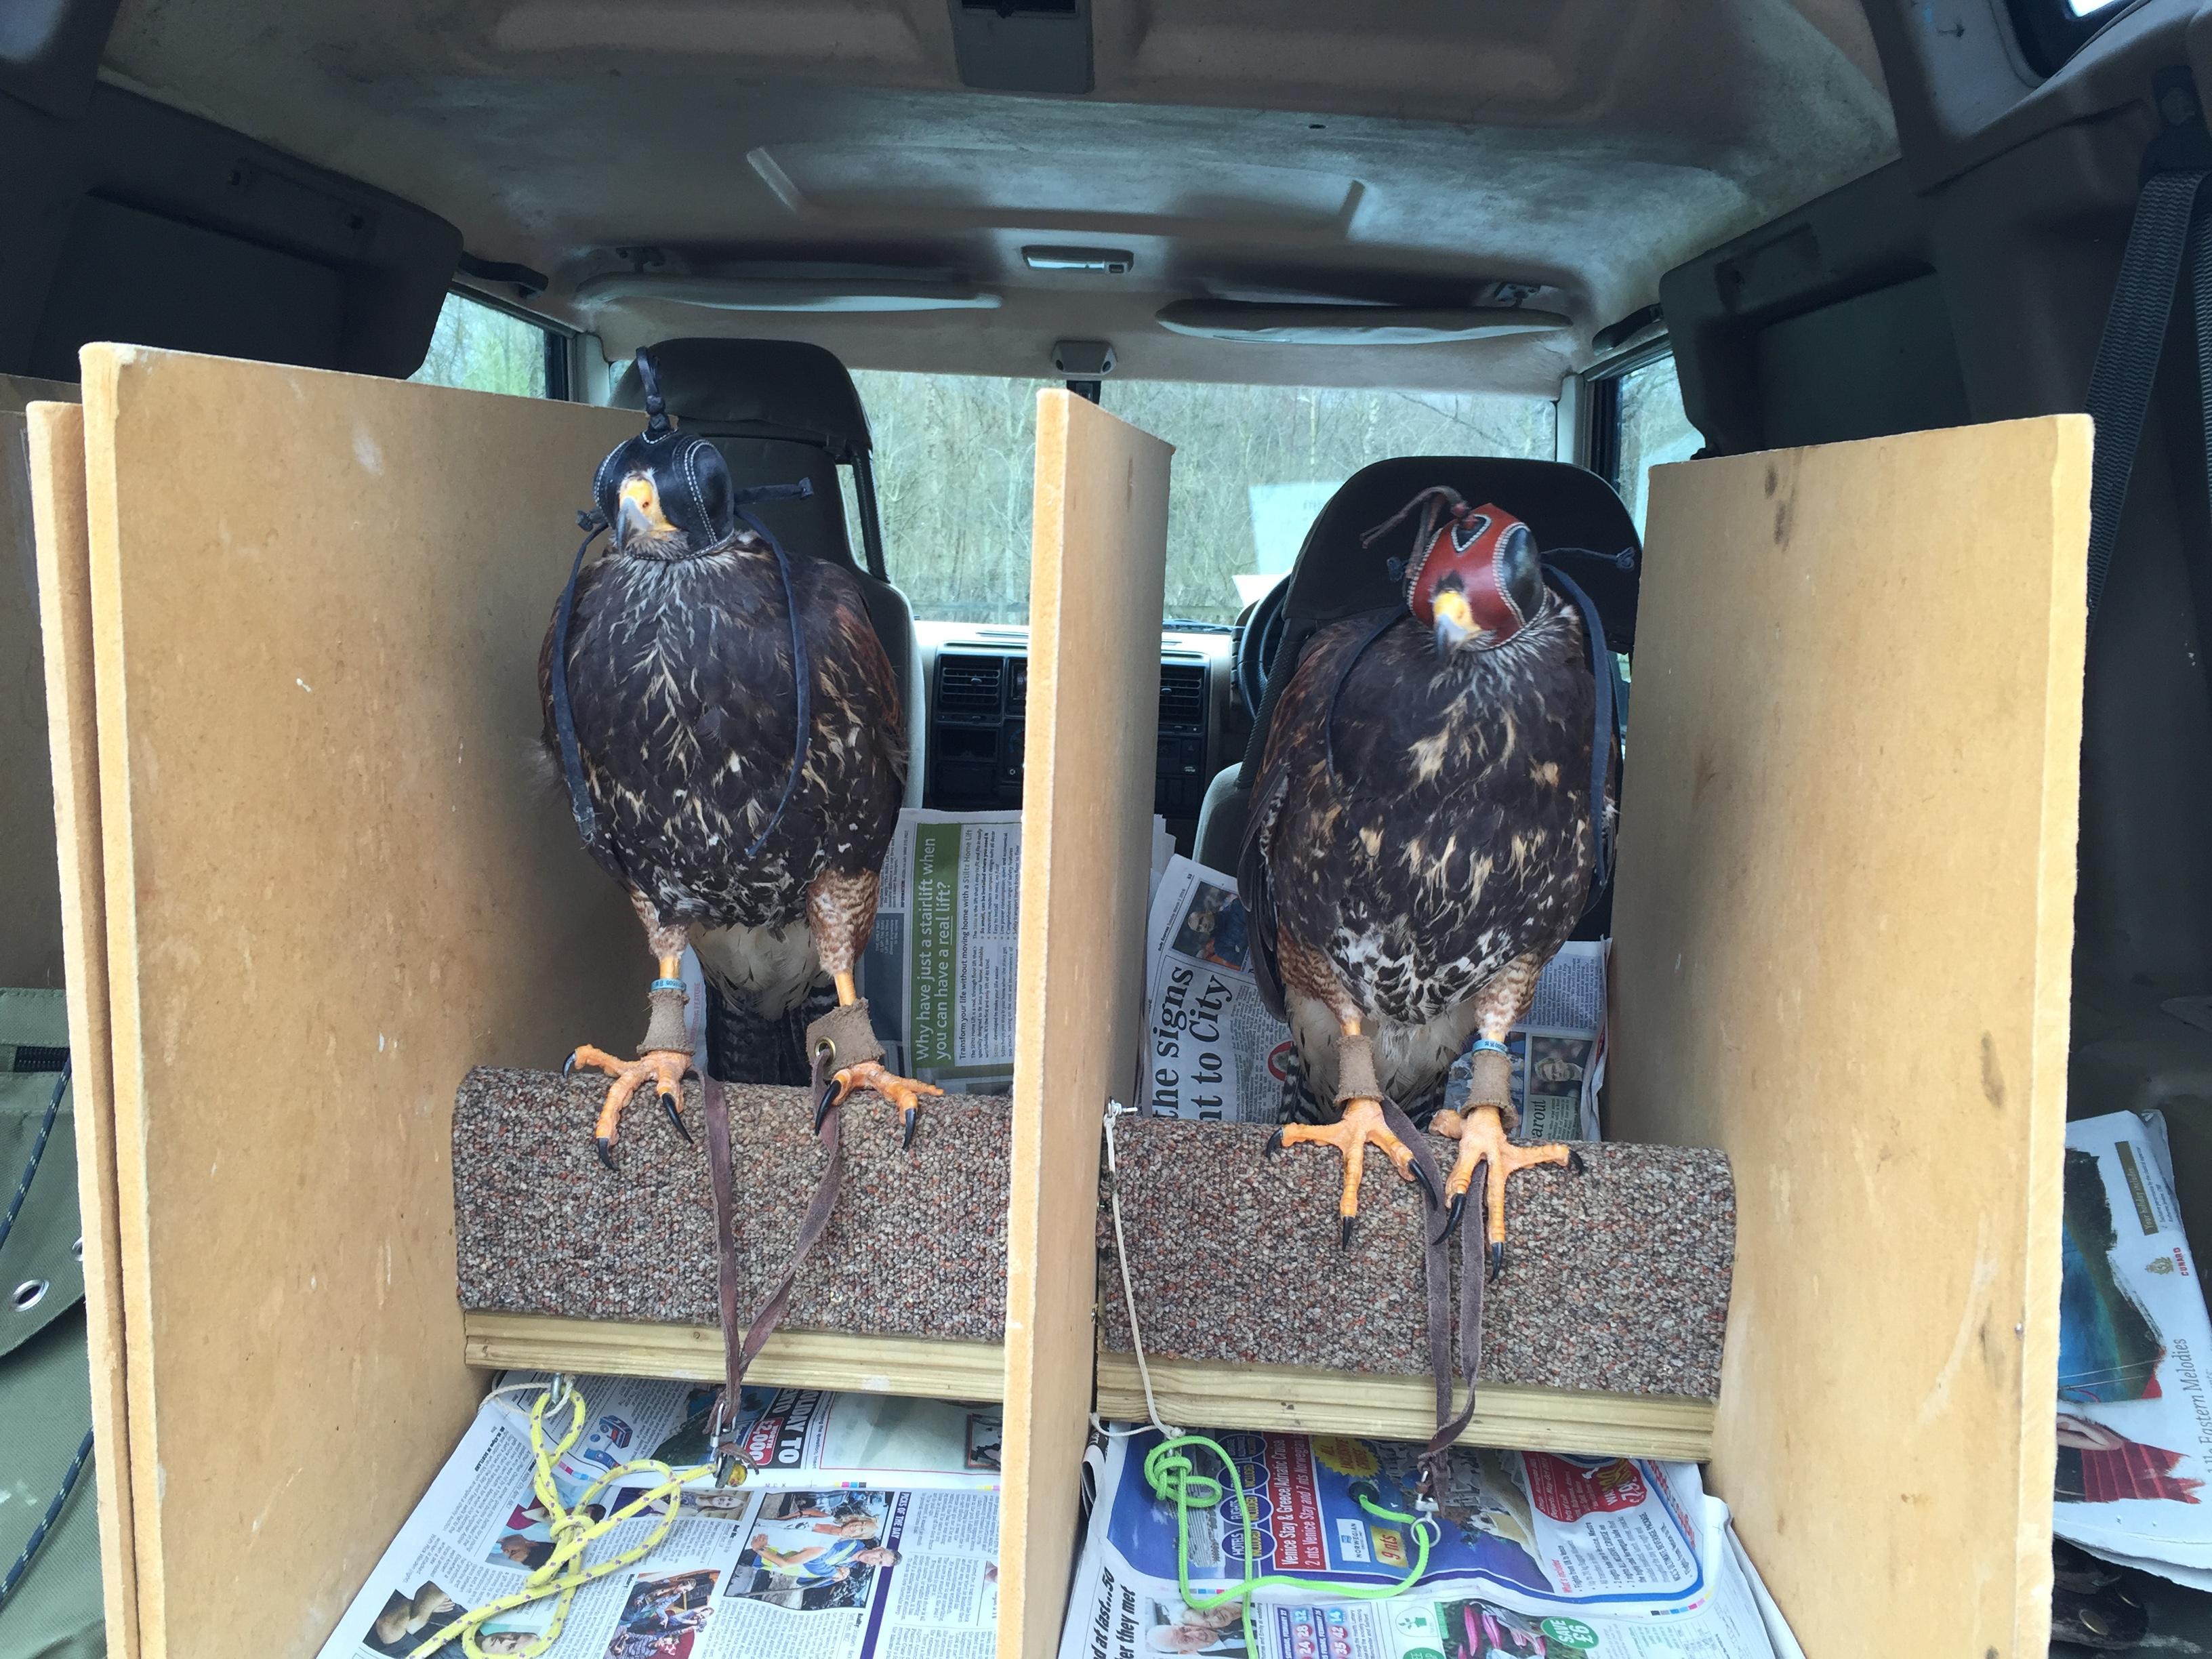 Toyah & Gloria - ready to go to work